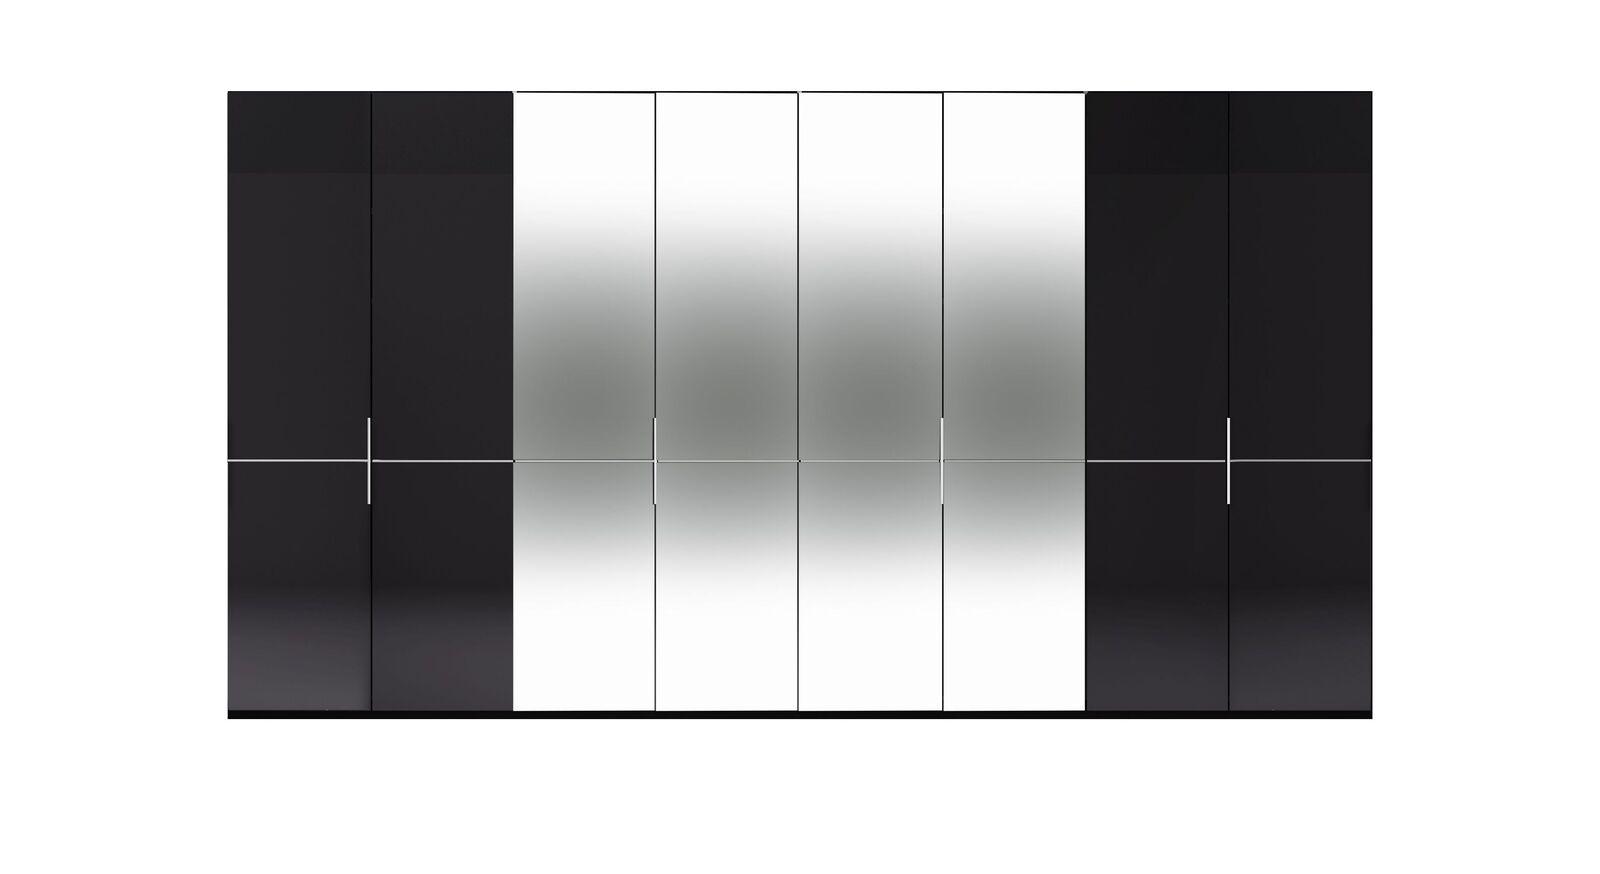 8-türiger GALLERY M Spiegel-Drehtüren-Kleiderschrank IMOLA W Graphit ohne Spiegel